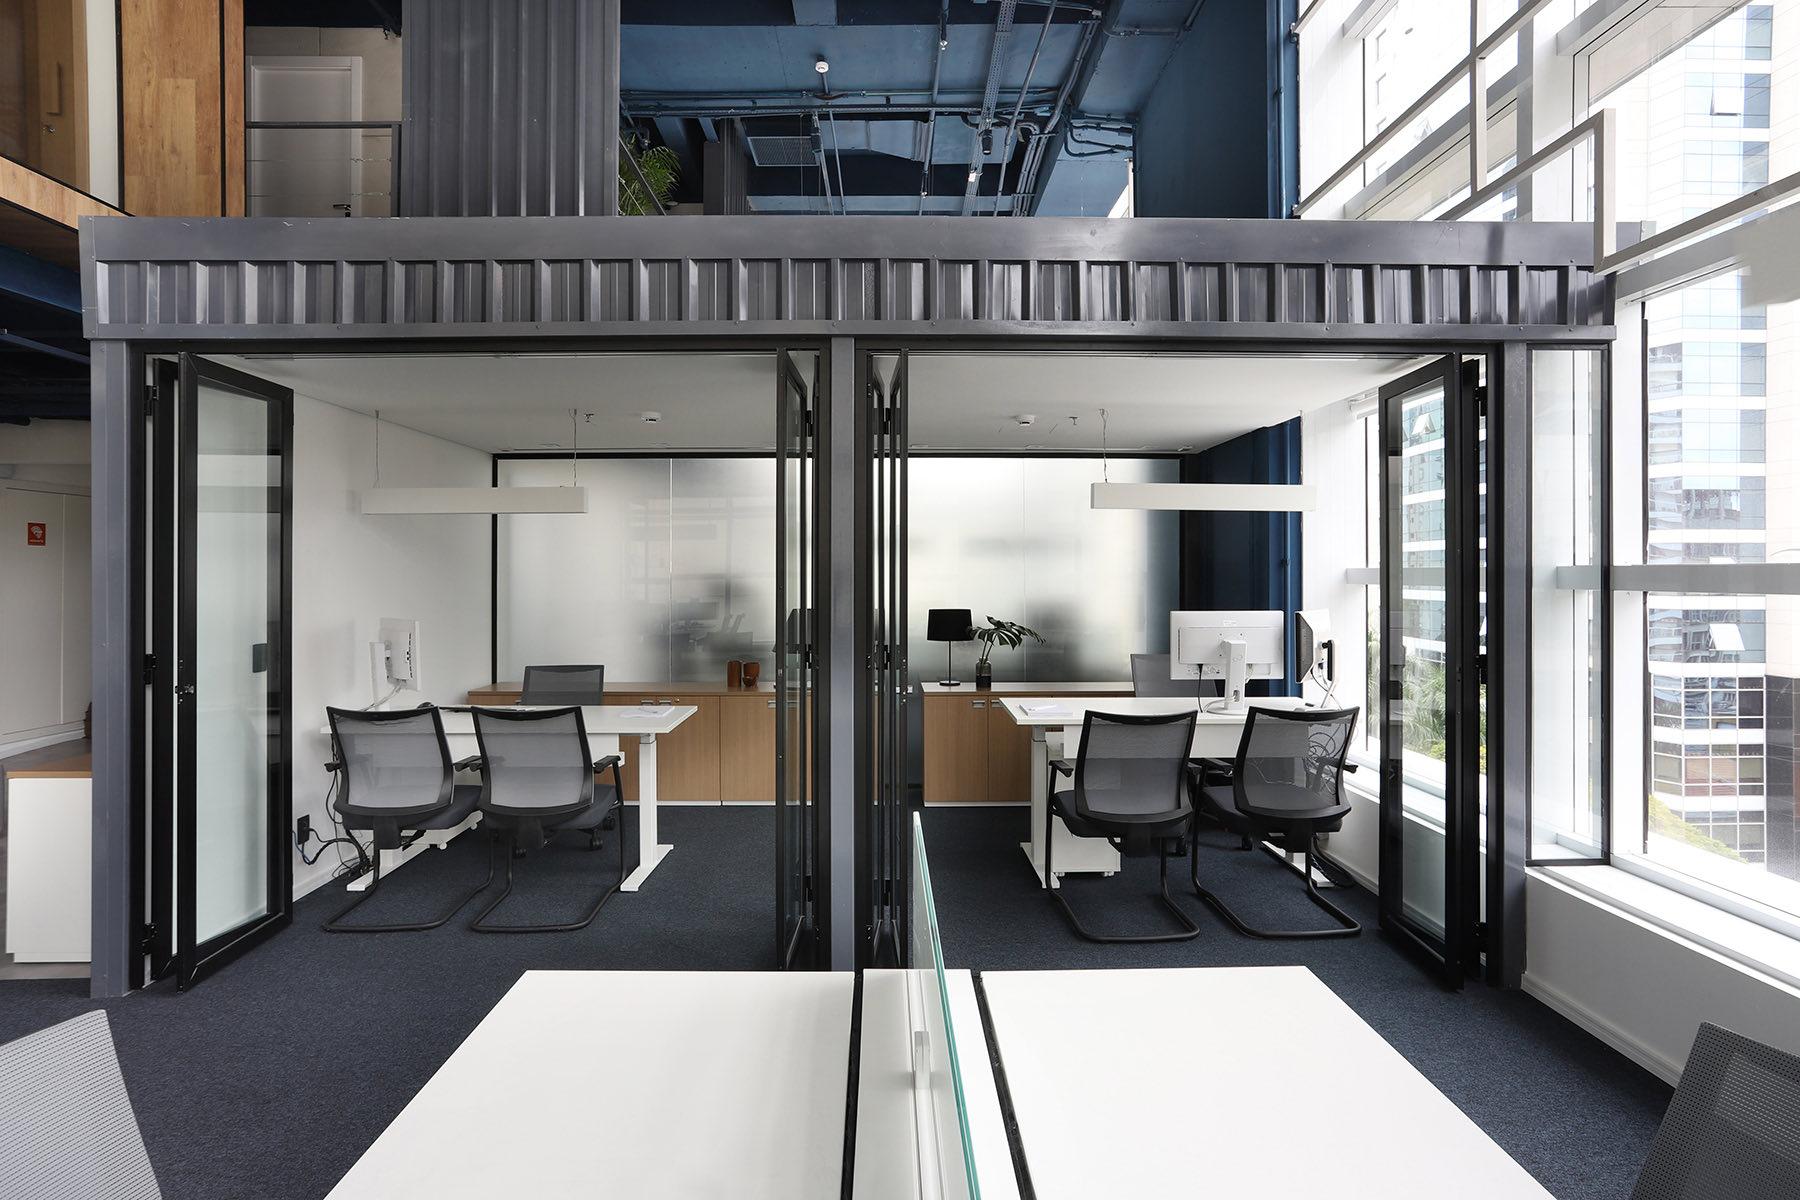 lufthansa-office-brazil-20